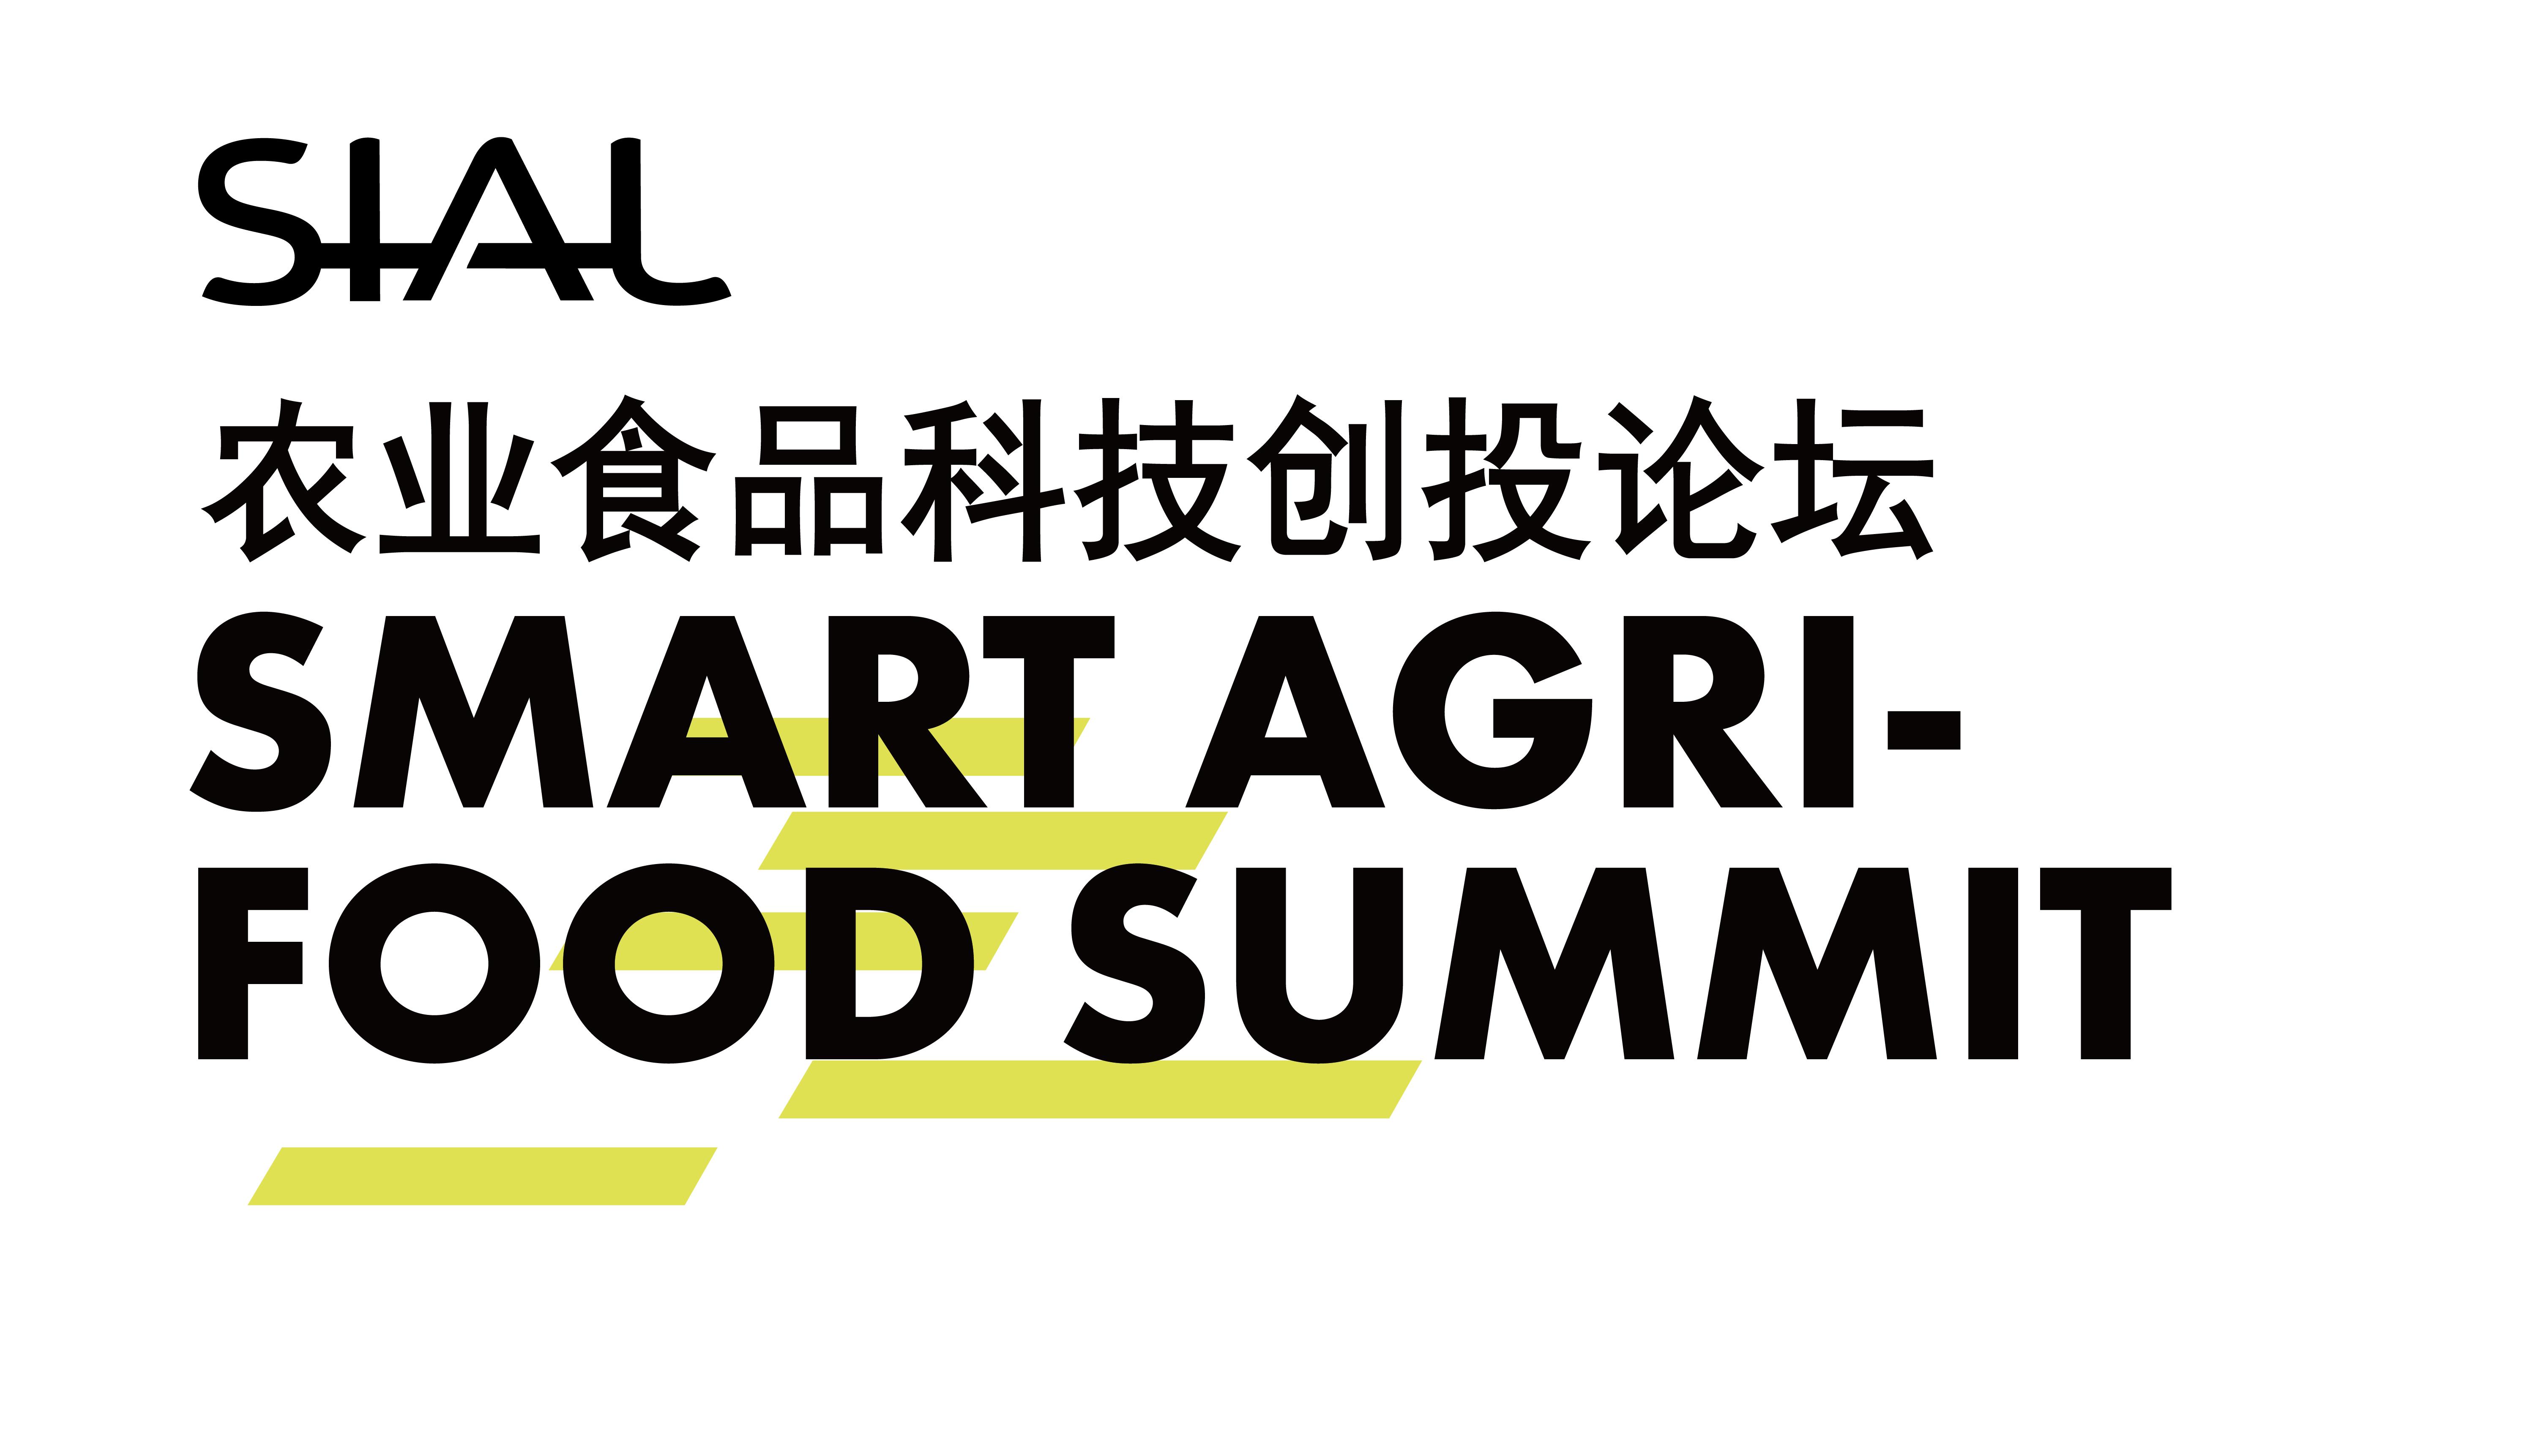 农业食品科技创投论坛